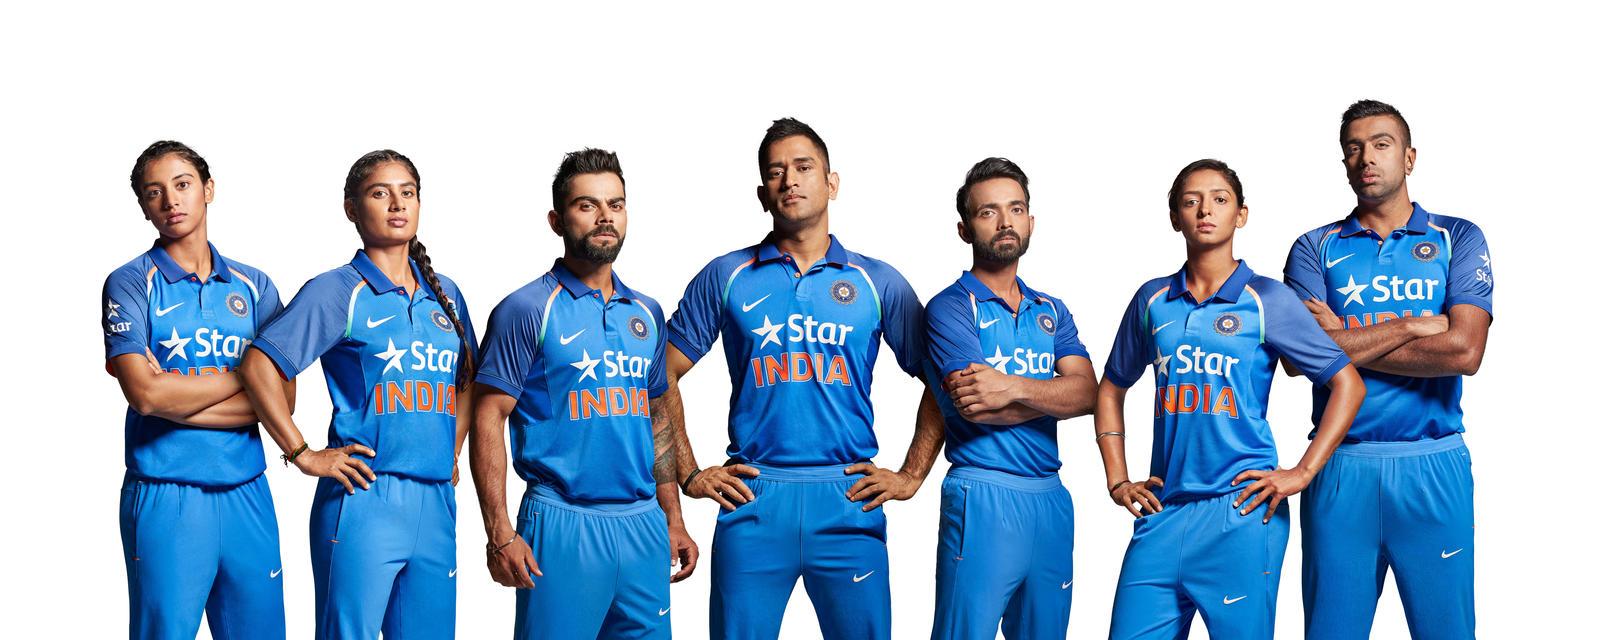 Nike India ODI.jpg